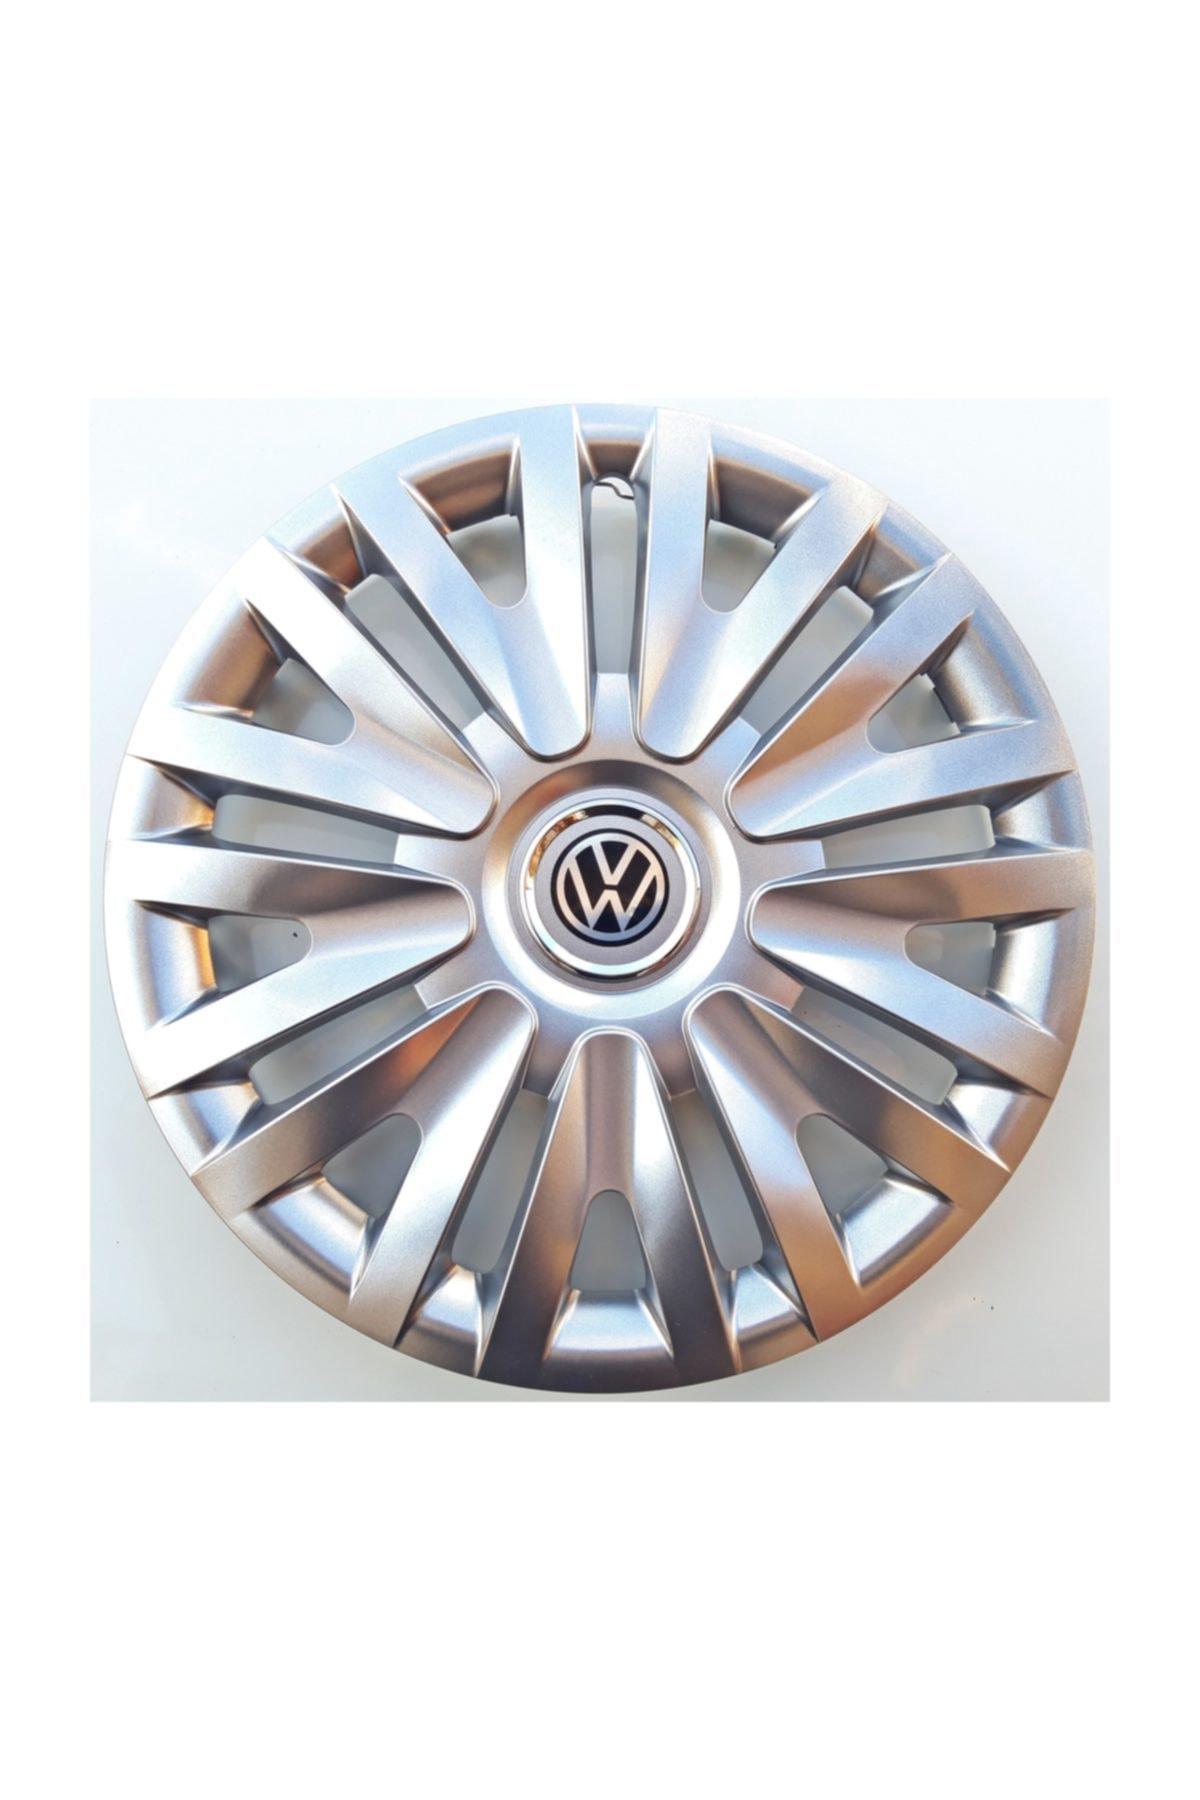 Volkswagen Polo - Golf - Bora 15'' Inç Jant Kapağı 4 Adet Kırılmaz Esnek - Amblem Hediyeli